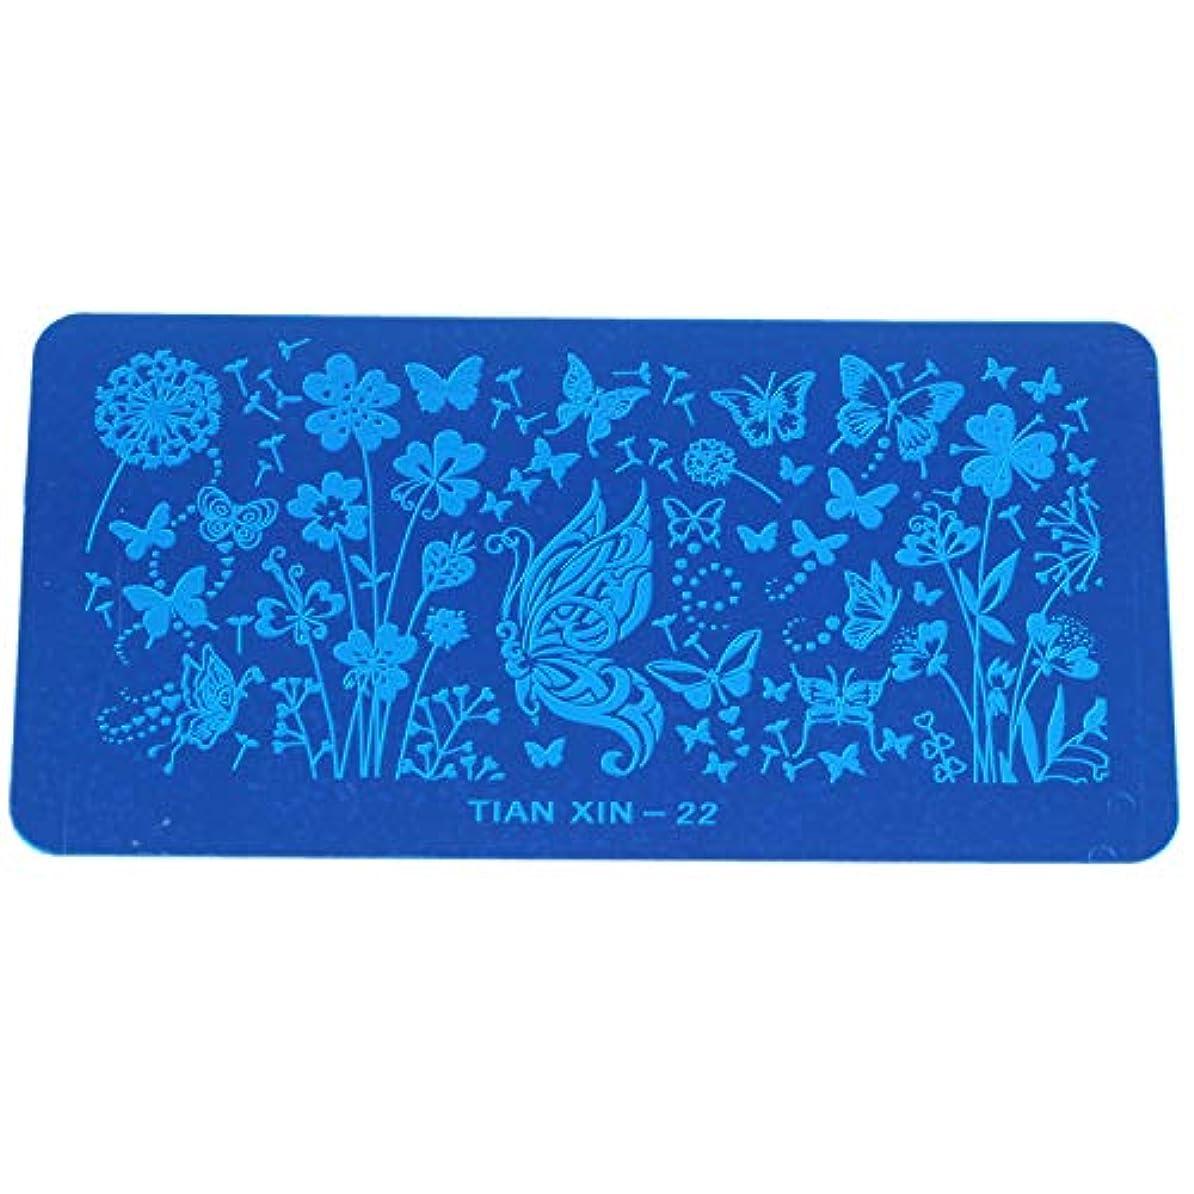 スロット引っ張るエラーACAMPTAR DIY 青いフィルムプリント長方形プレート 22#